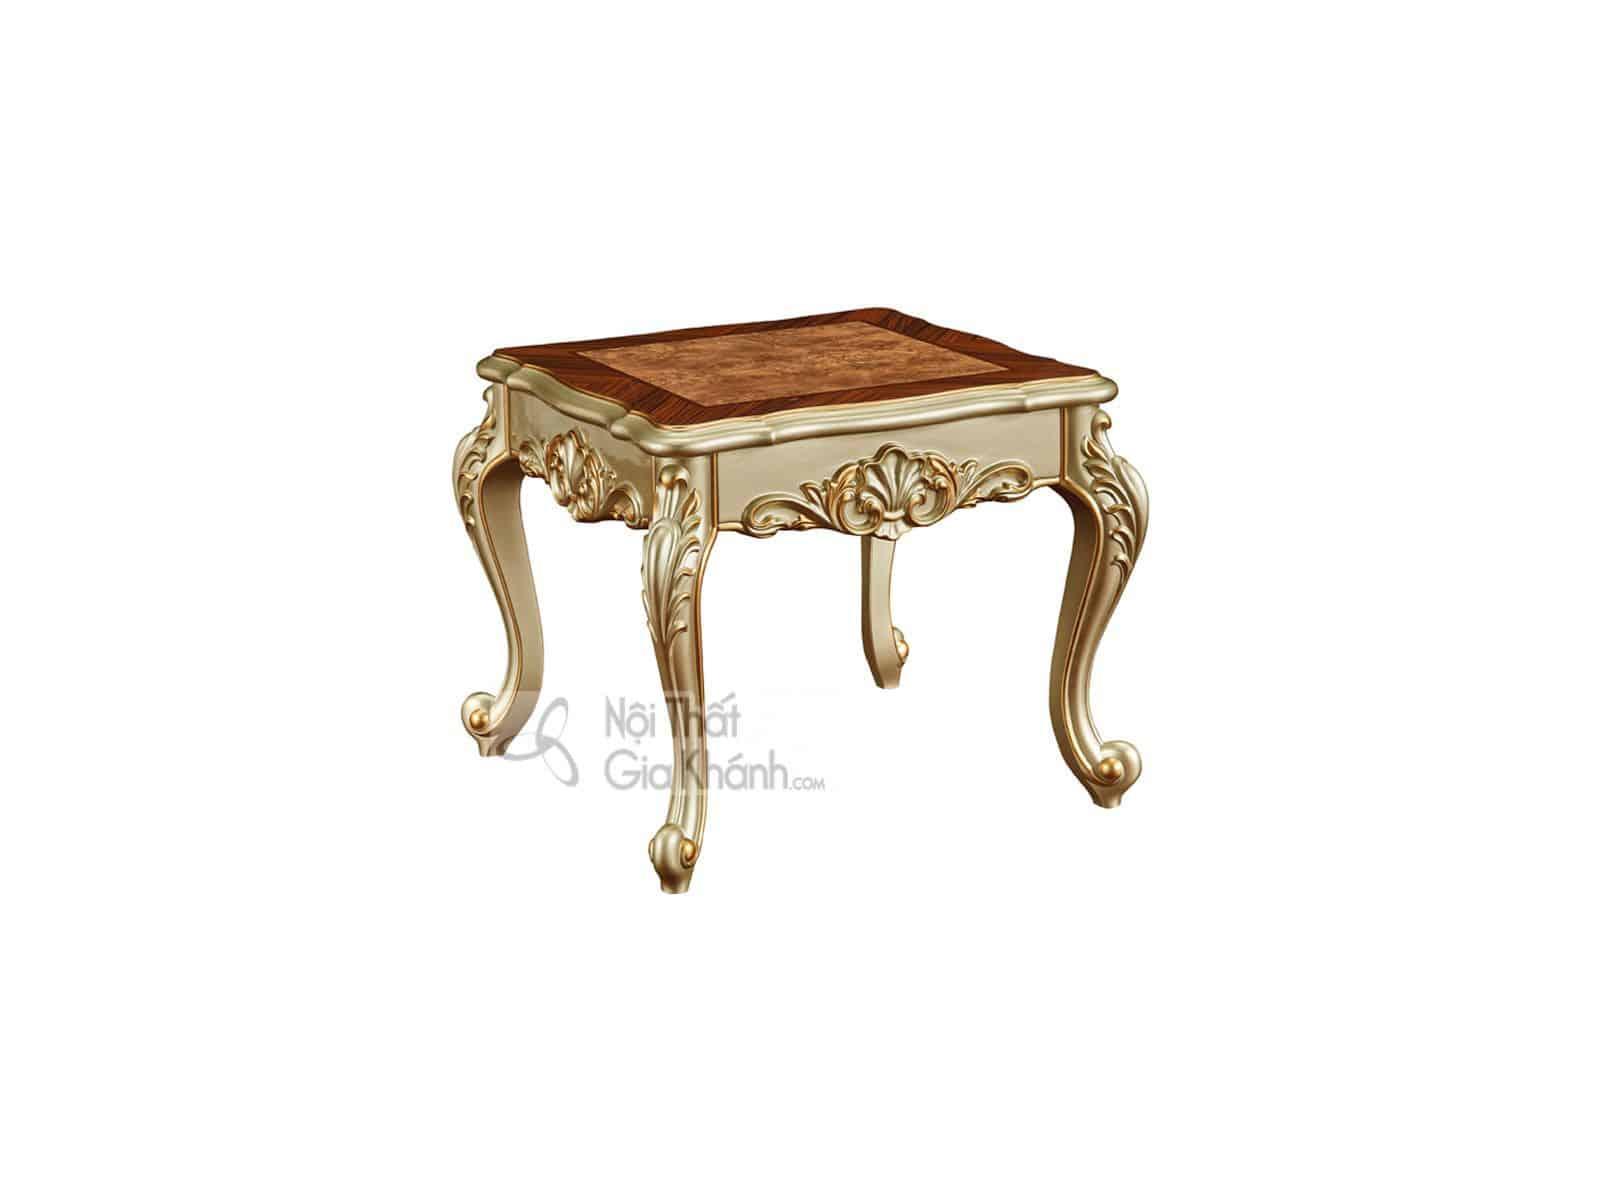 Bàn trà vuông tân cổ điển gỗ cho phòng khách BG8801AG (Mẫu mới nhất)